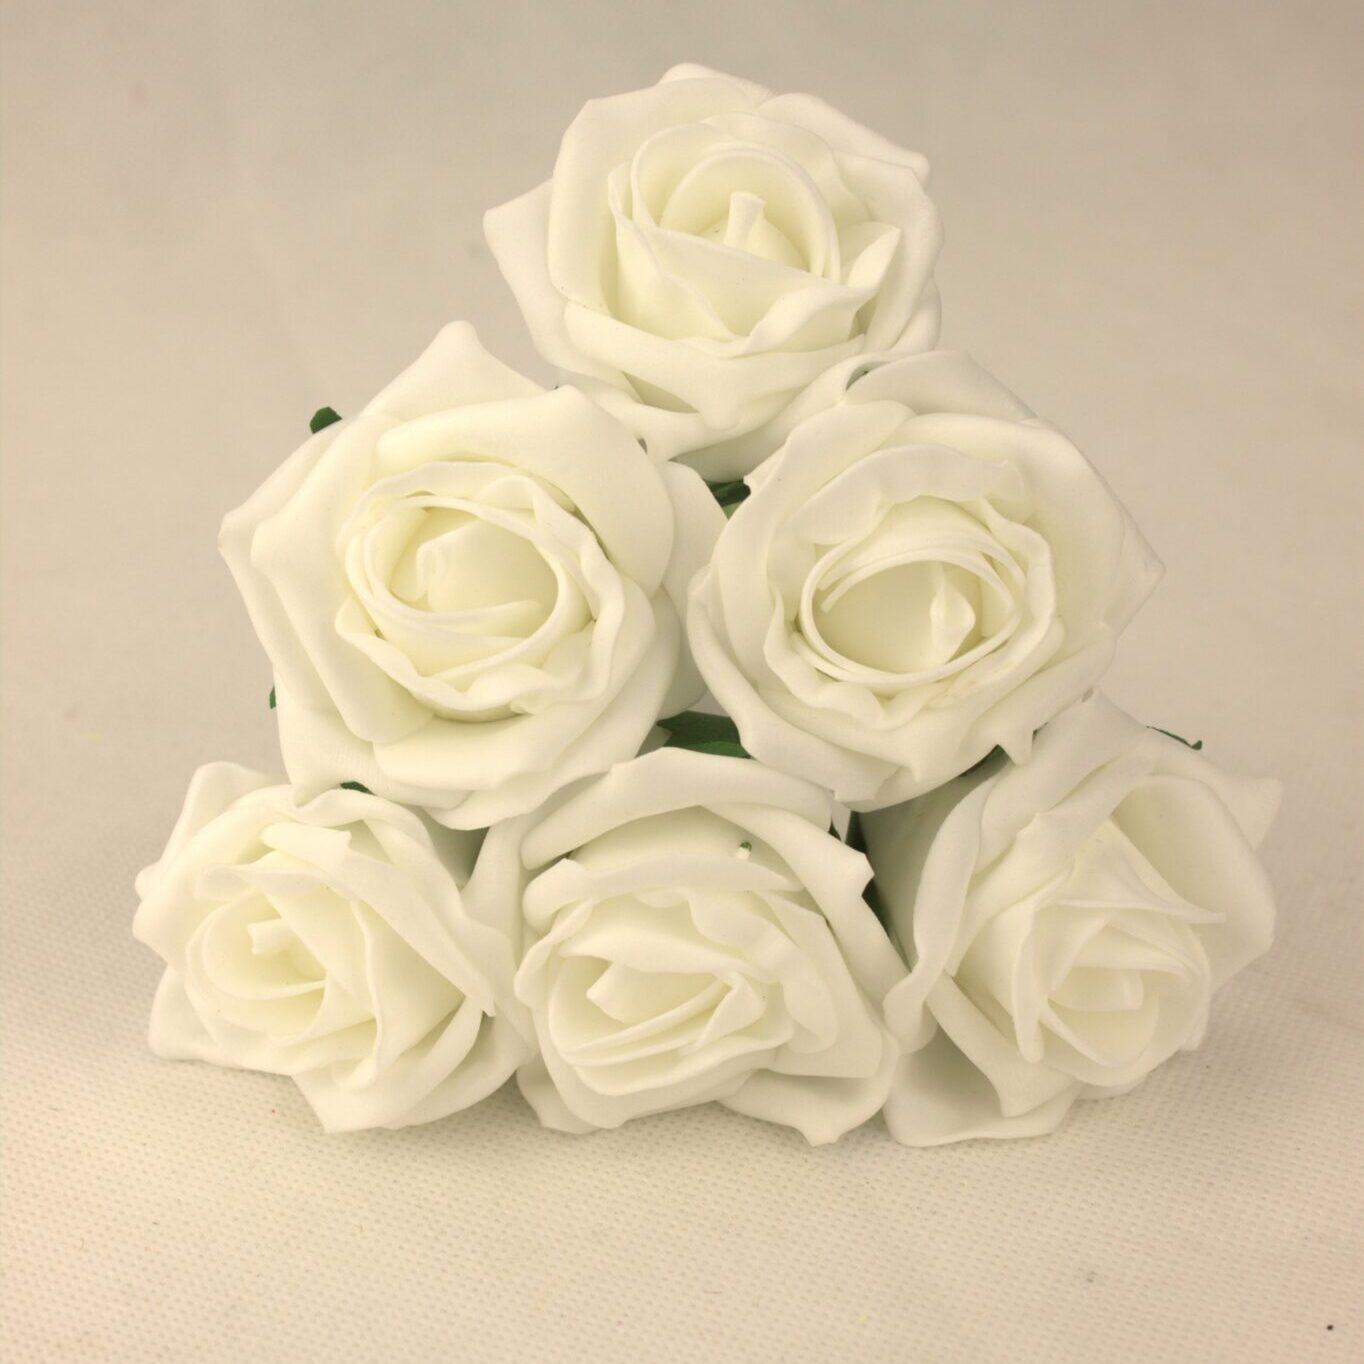 VG5 White